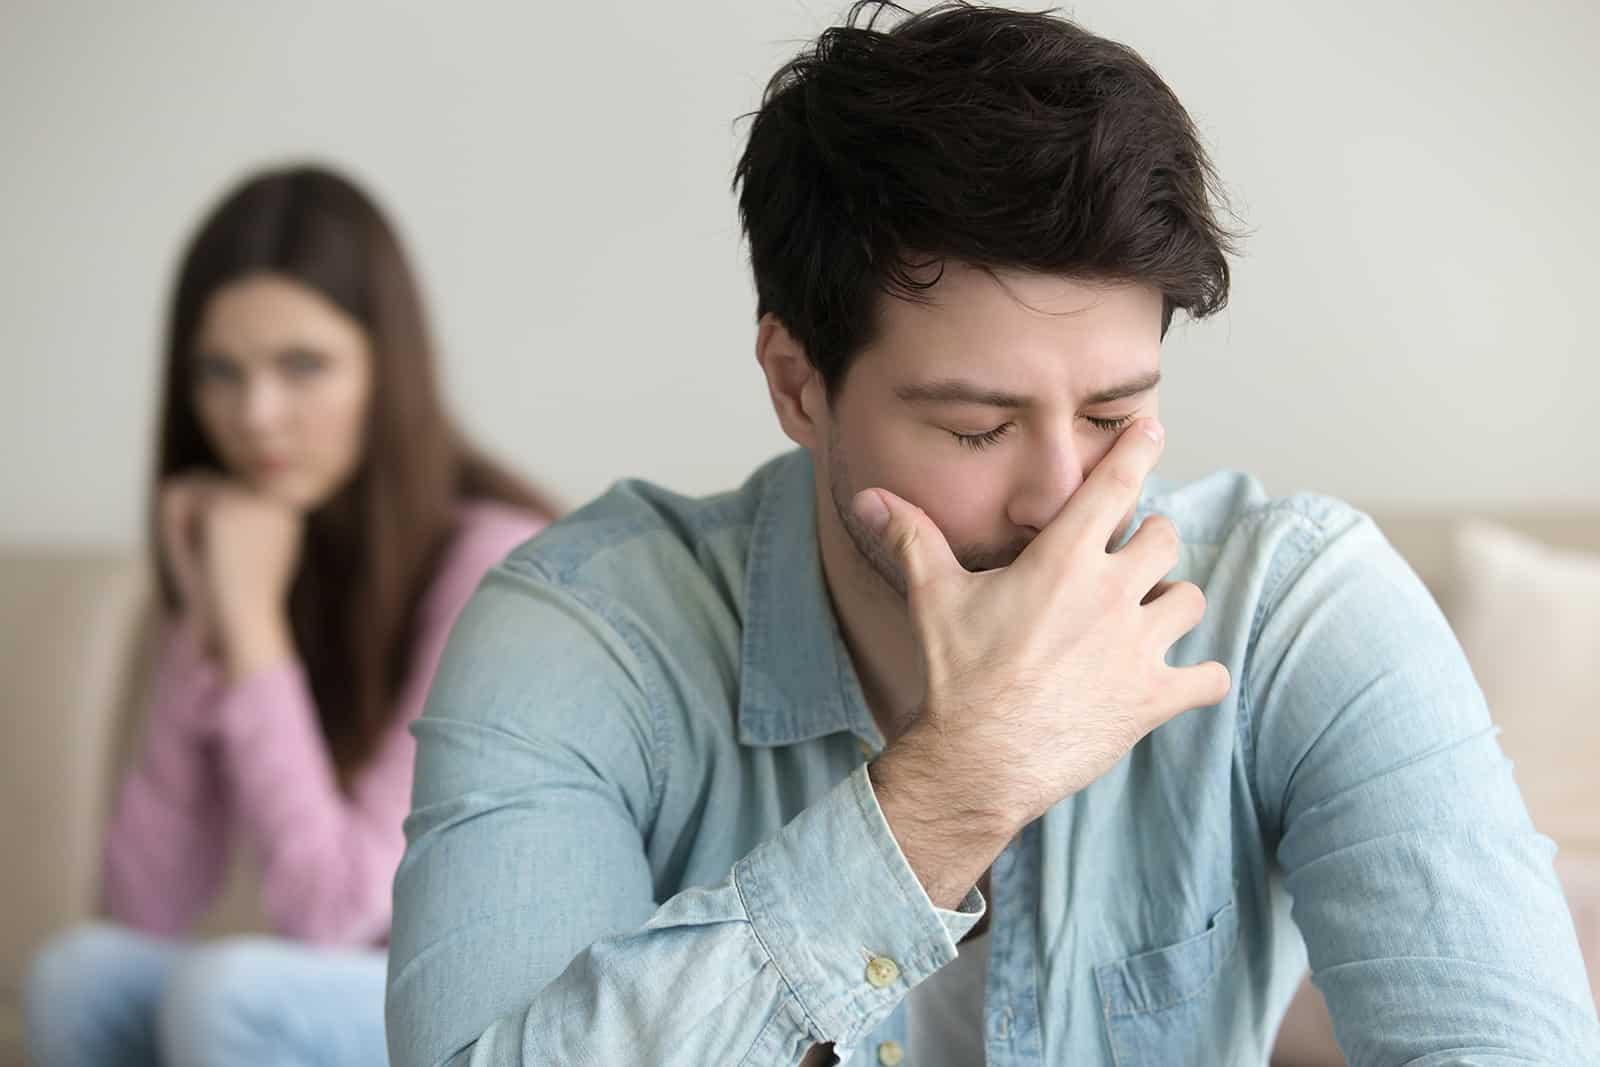 Ein verärgerter Mann bedeckte sein Gesicht mit der Hand, während eine Frau hinter ihm auf der Couch saß